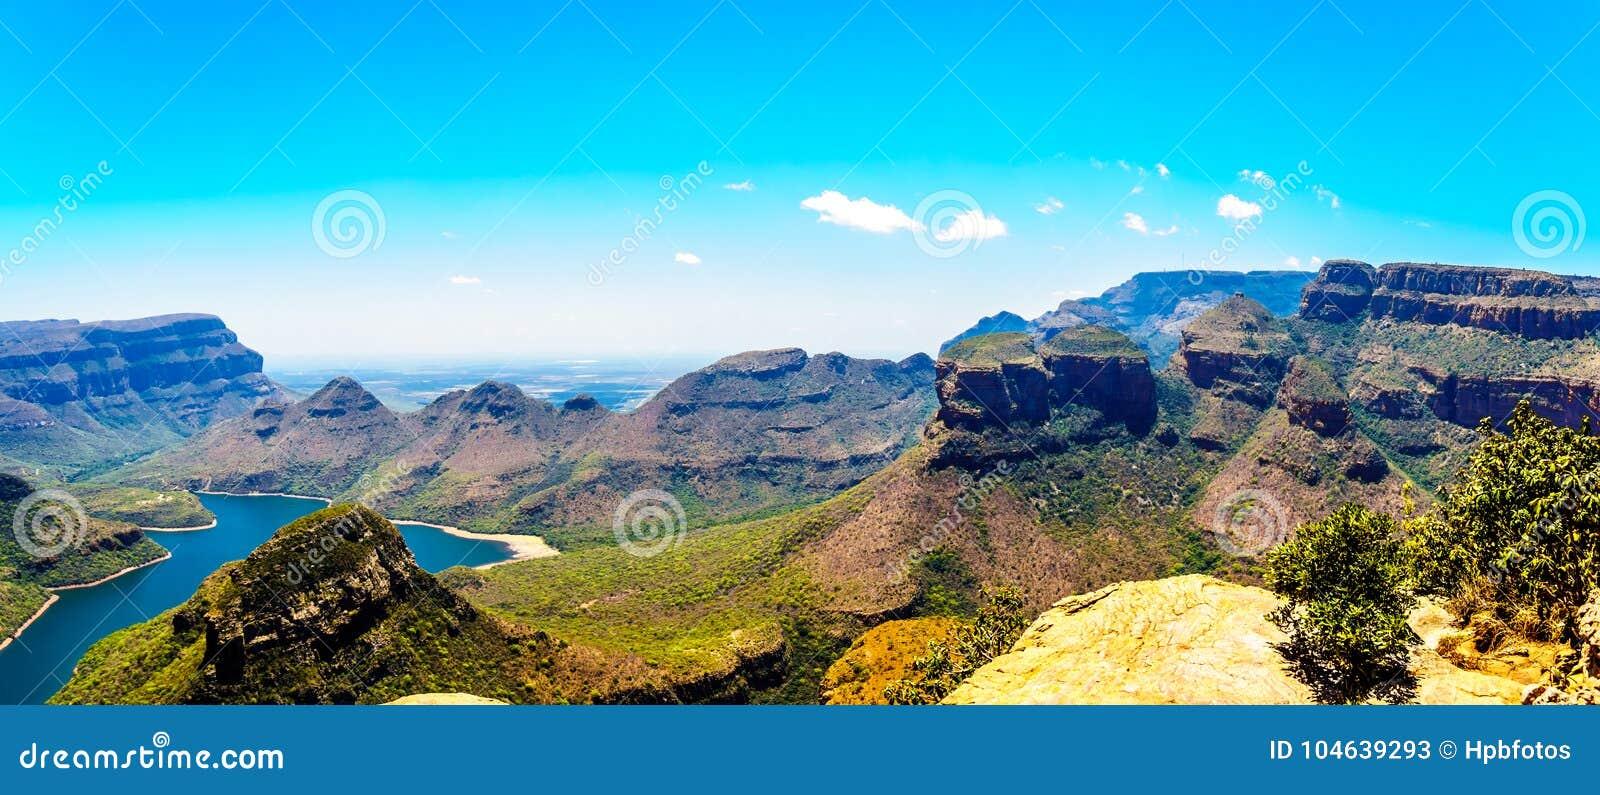 Download Beroemde Drie Rondavels En Andere Bergen Die De Blyde-Rivierdam In Het Blyde-Natuurreservaat Van De Riviercanion Omringen Stock Afbeelding - Afbeelding bestaande uit panoramisch, mooi: 104639293